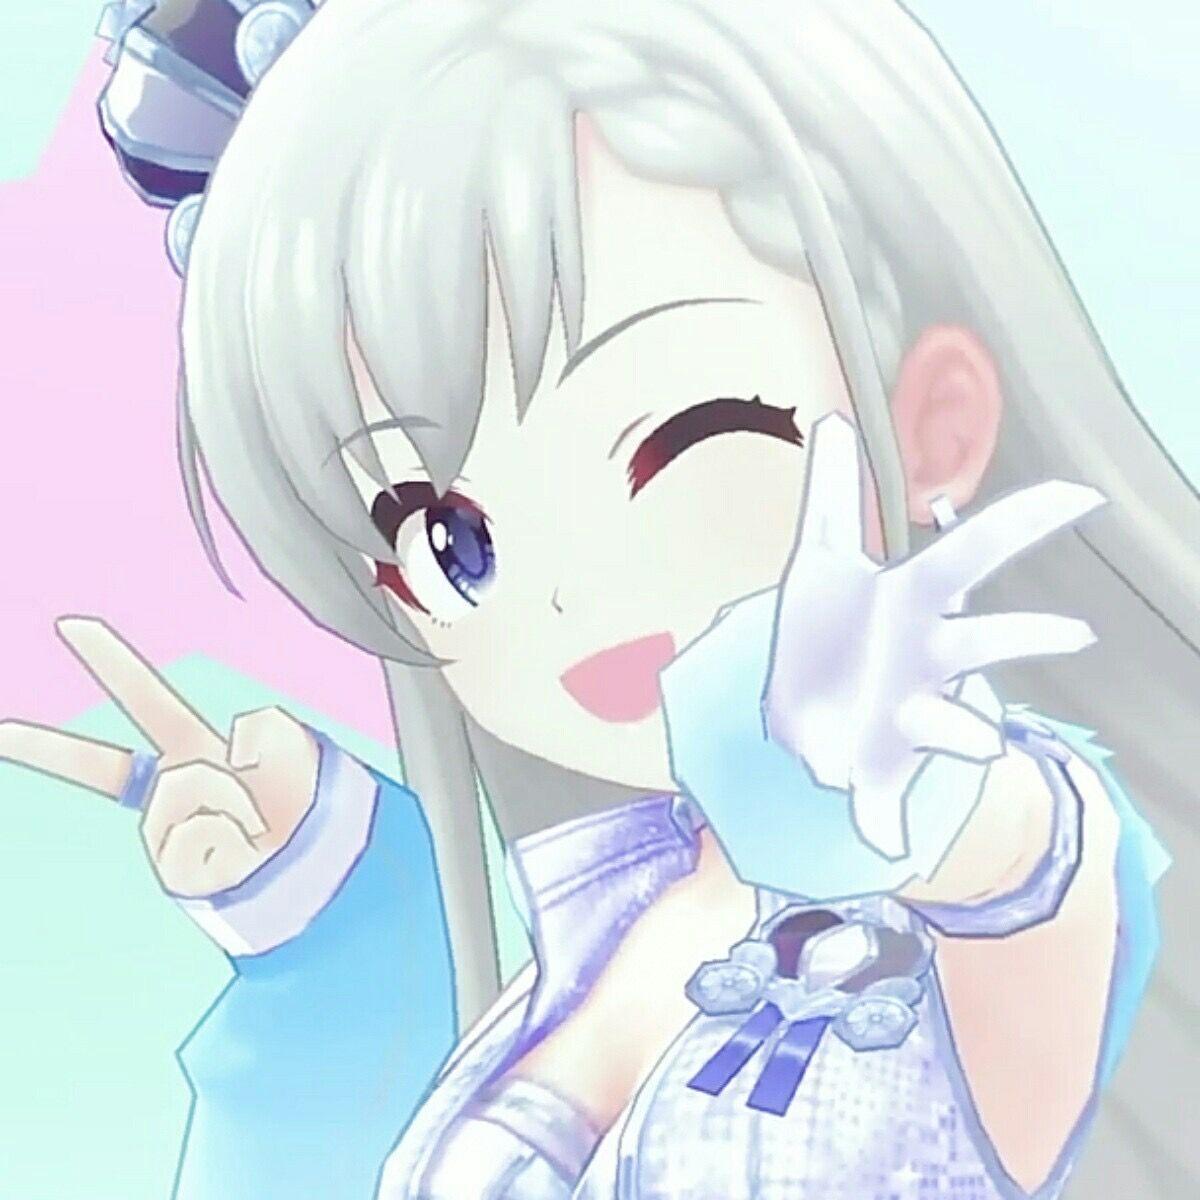 〻 𝗉𝗁𝖺𝗇𝗍𝗈𝗆𝗉𝖾𝖺𝖼𝗁𝖾𝗌 !!﹆⋆。˚♡ in 2020 Anime angel girl